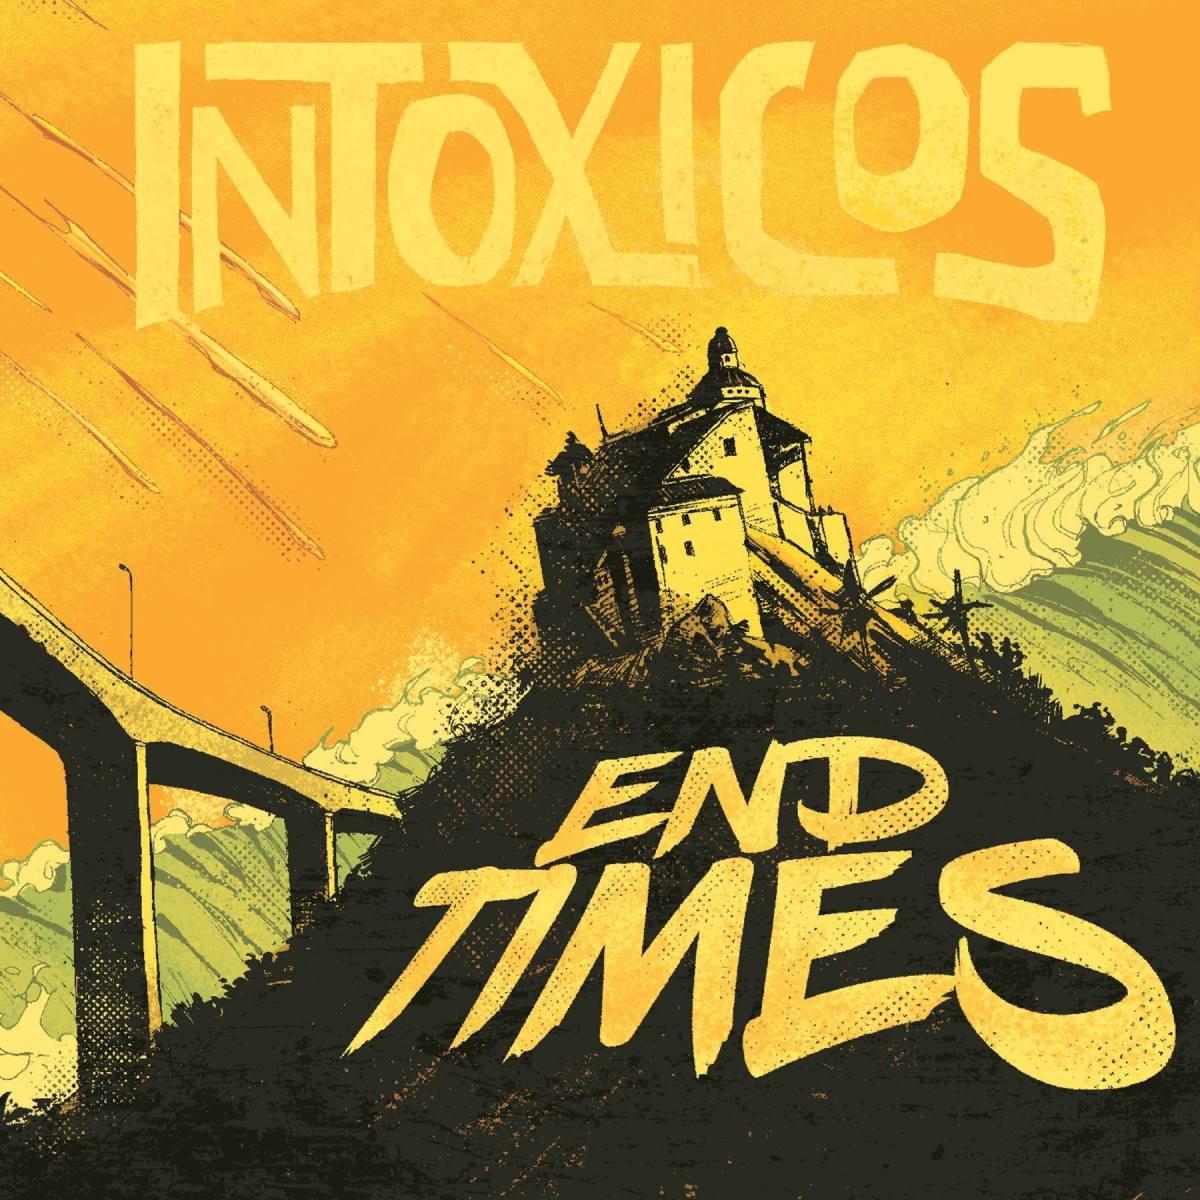 Surfe no fim dos tempos com o novo álbum da banda Intóxicos; Escute